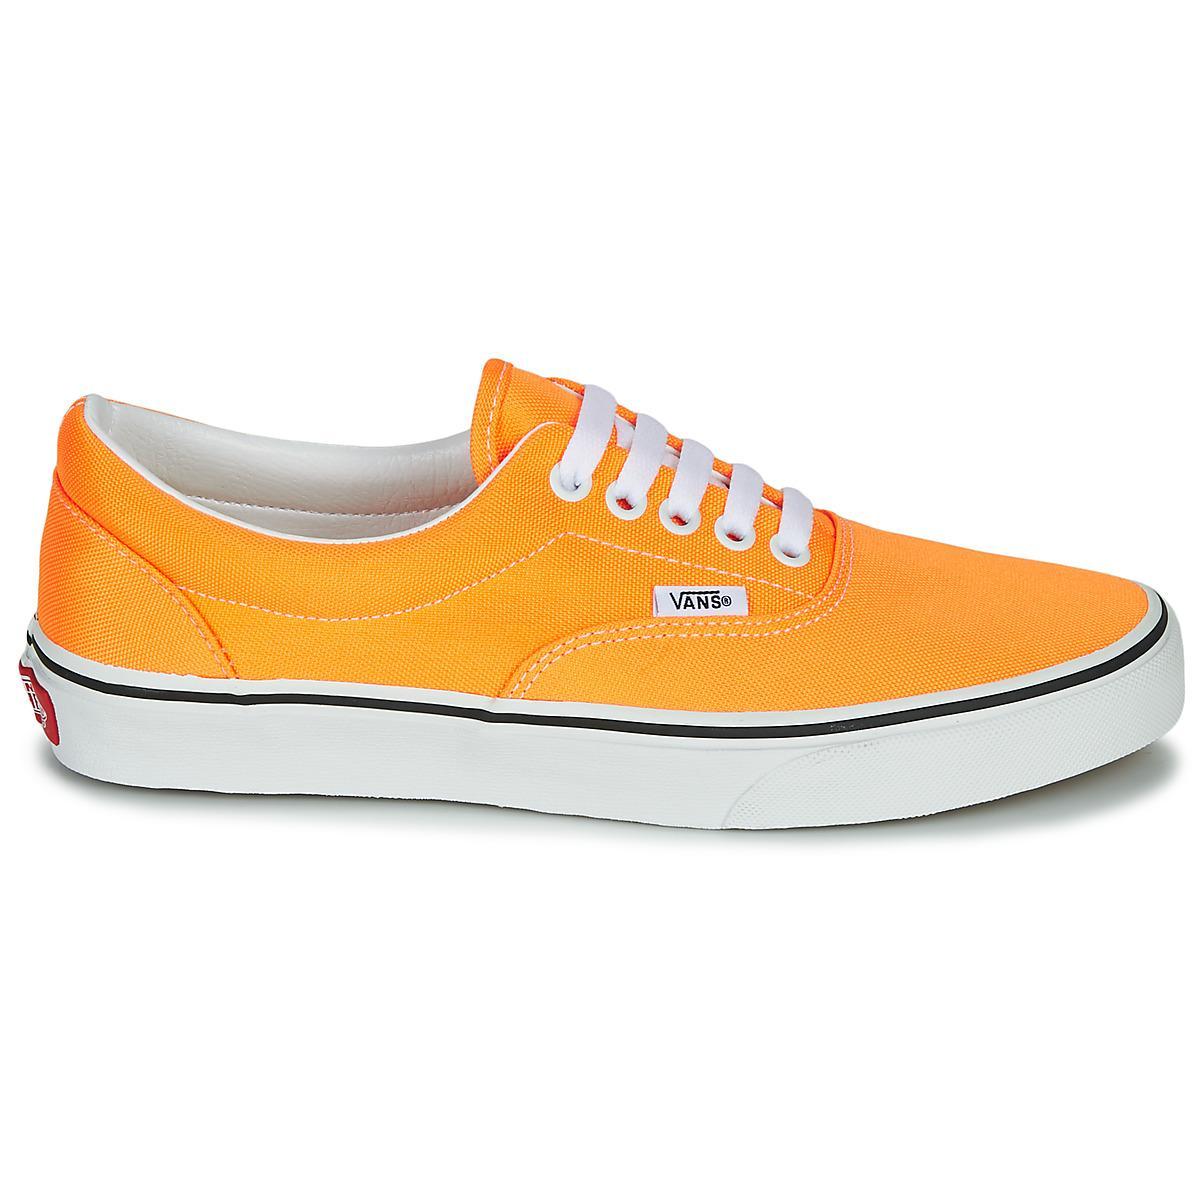 Chaussures Anaheim Factory Authentic 44 Toile Vans en coloris ...